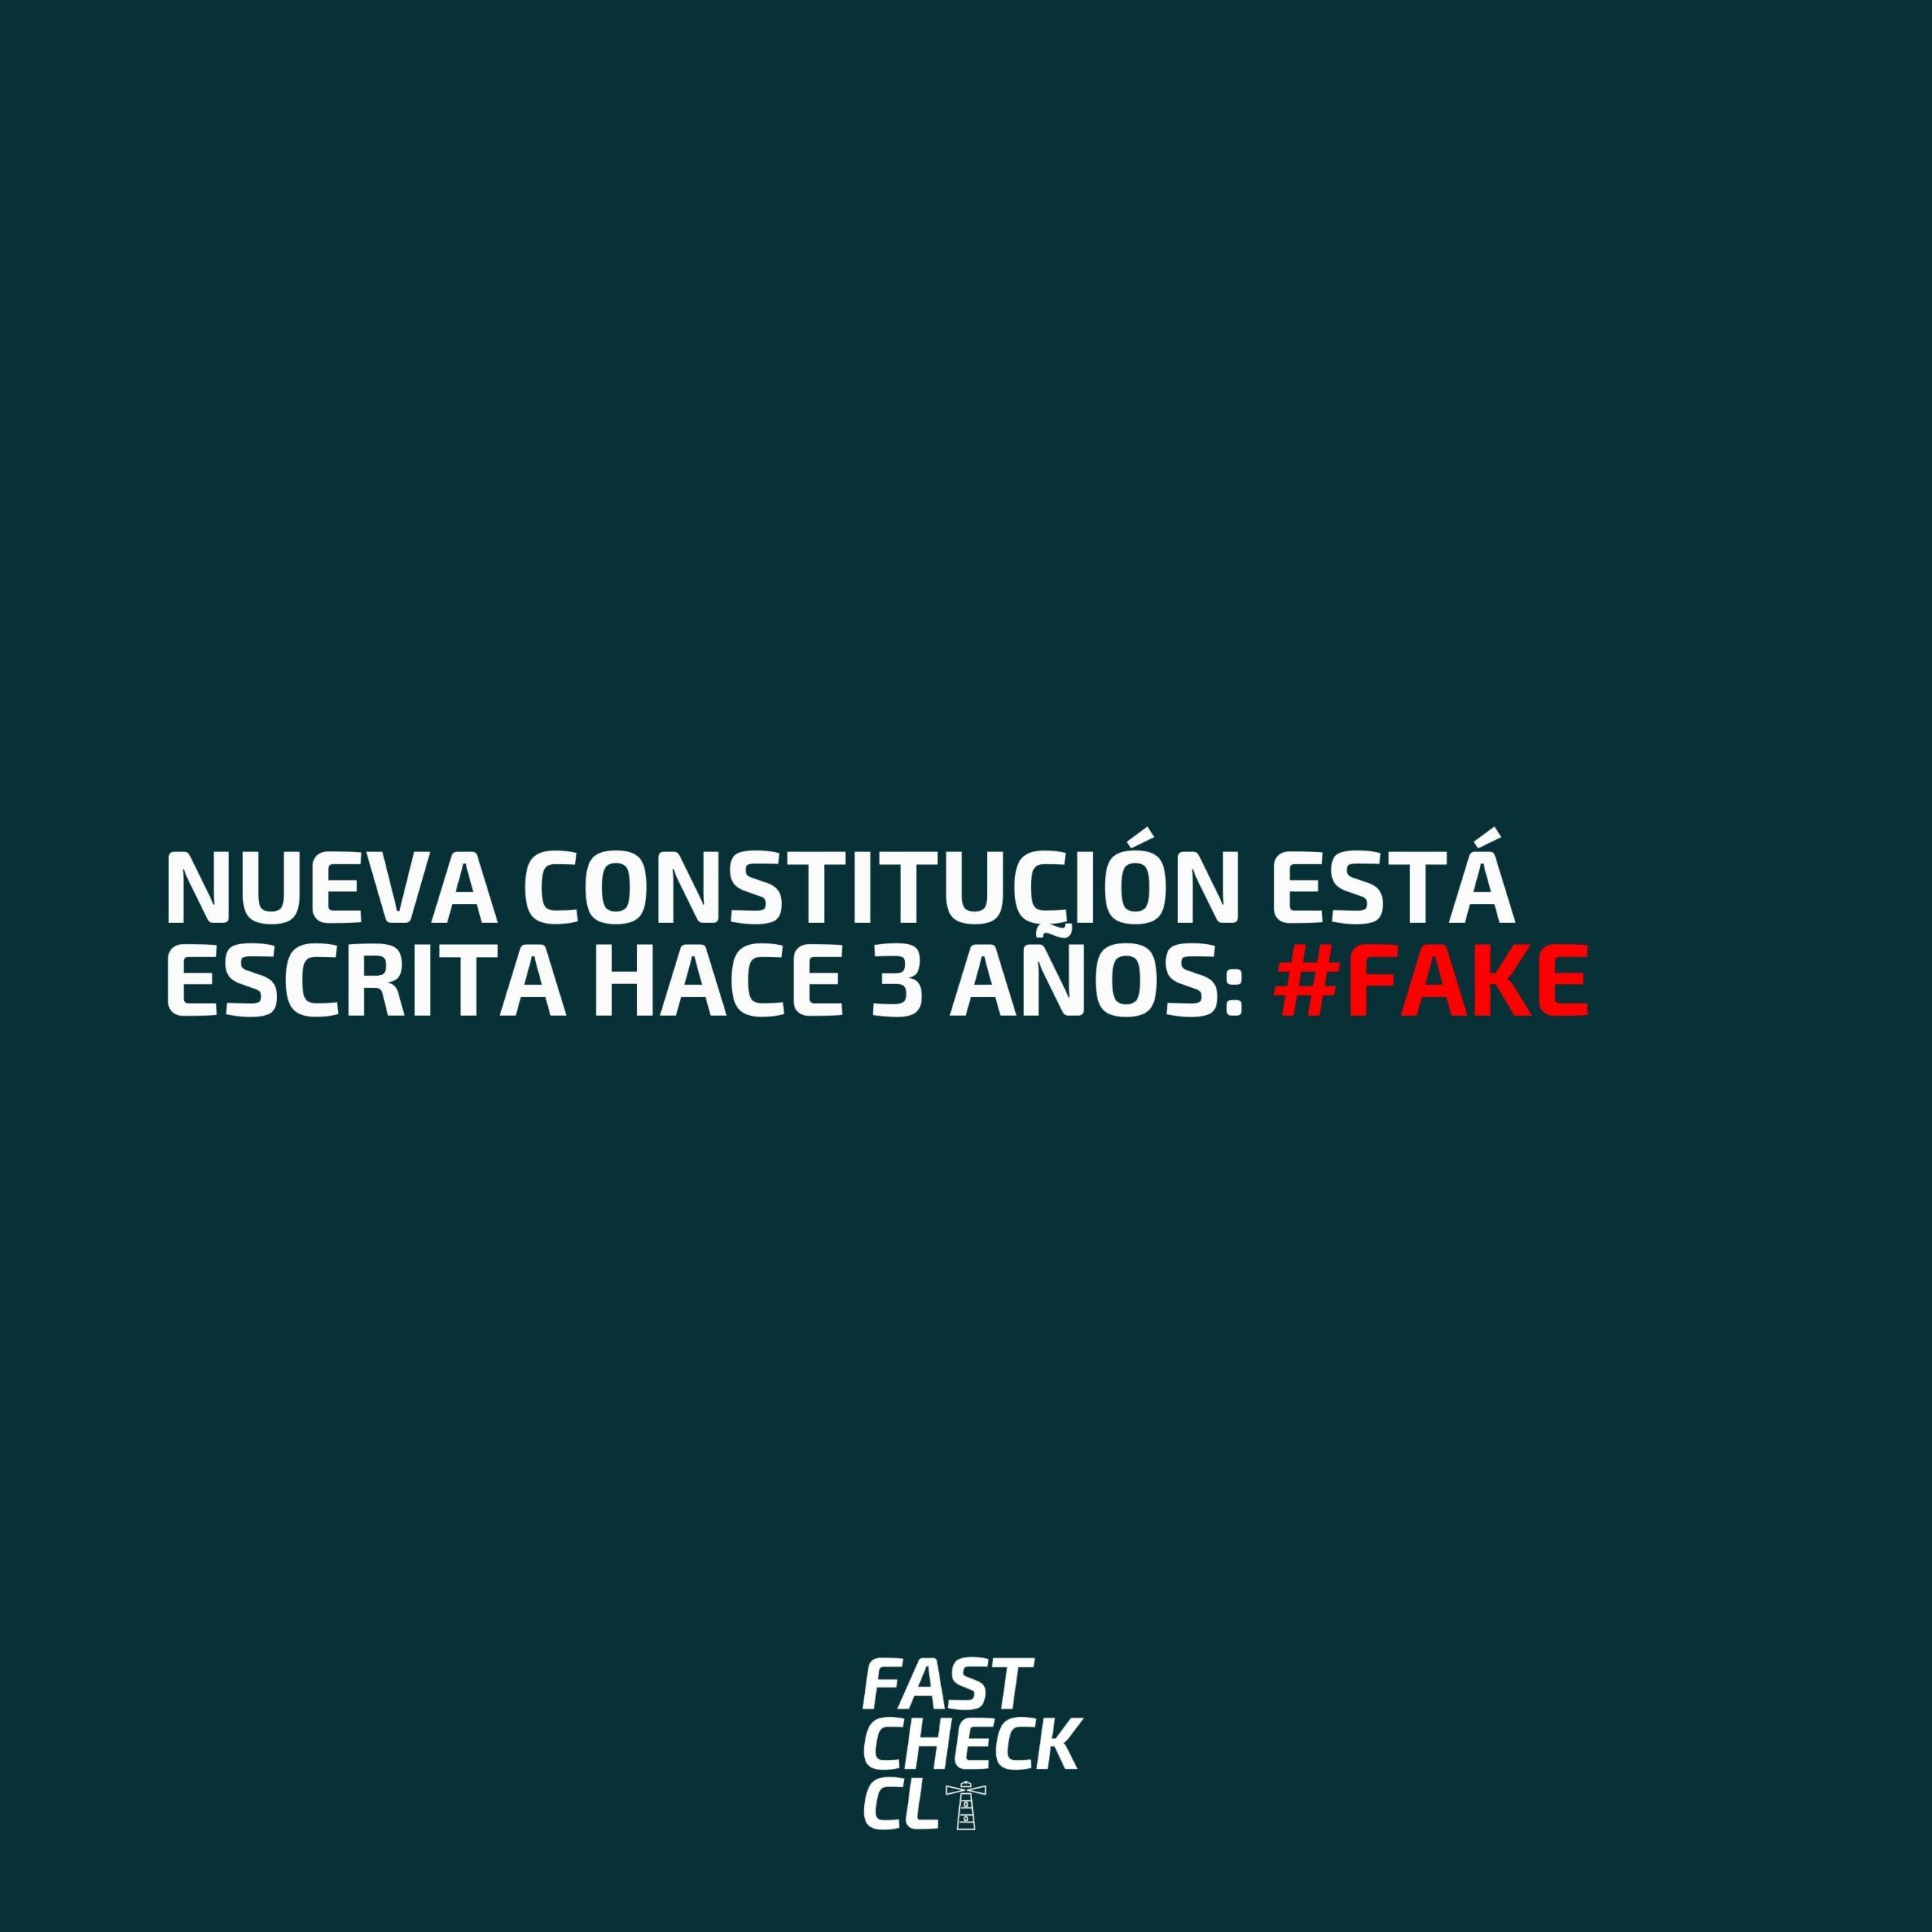 Nueva Constitución está escrita hace 3 años: #Fake